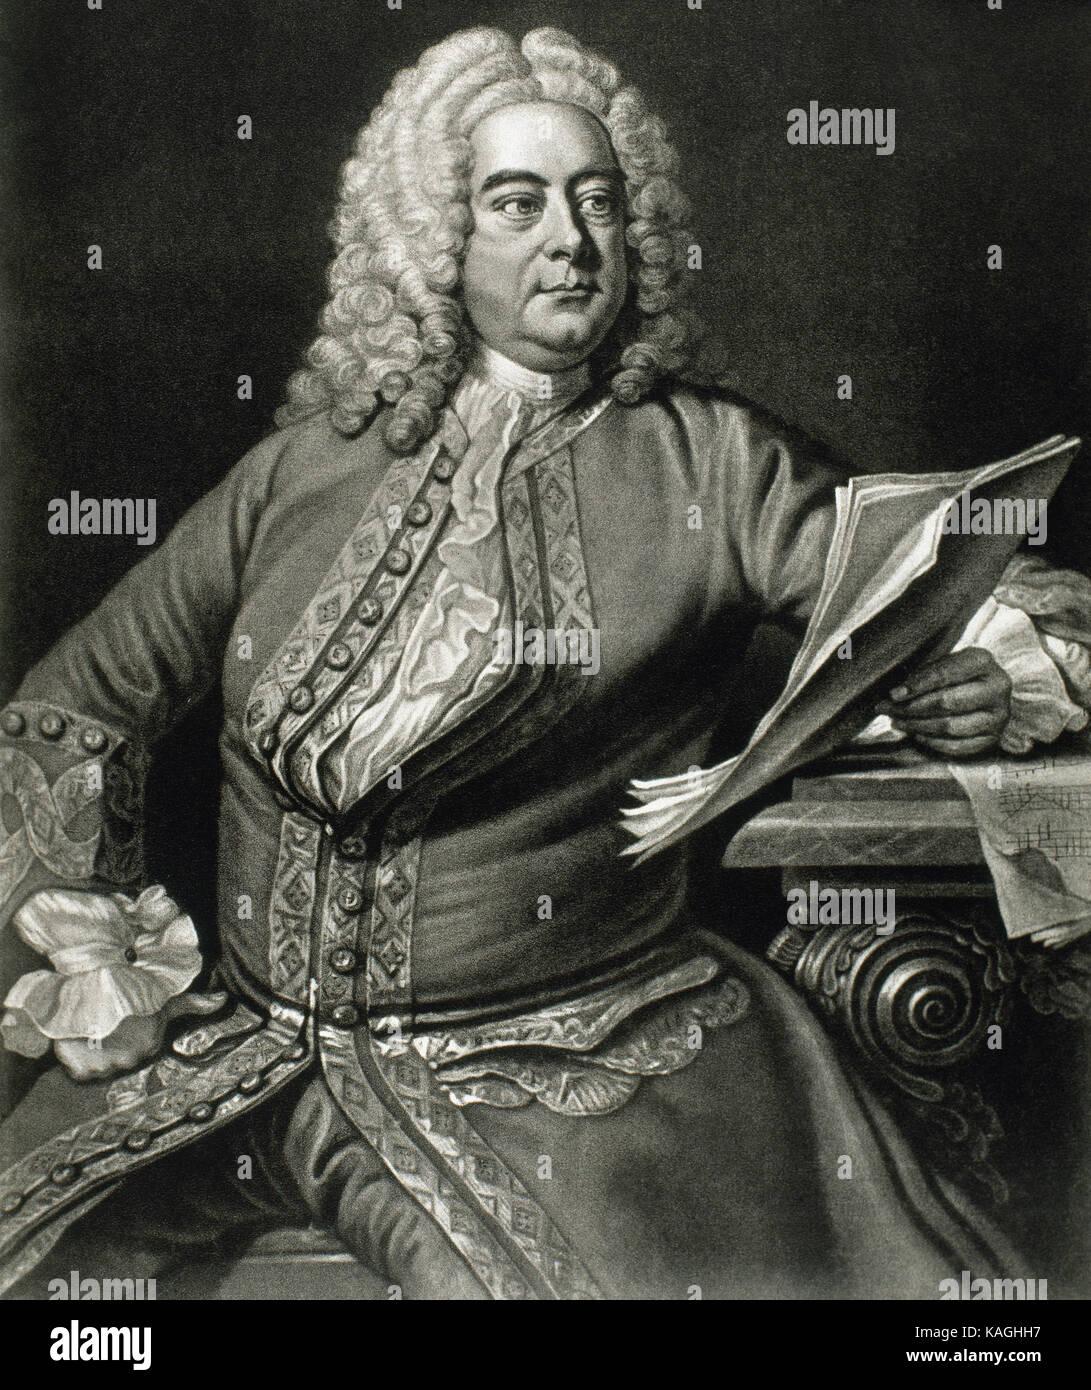 Georg Friedrich Händel (1685-1759). Deutsch, später Britischen, barocken Komponisten. Porträt. Gravur. Stockbild